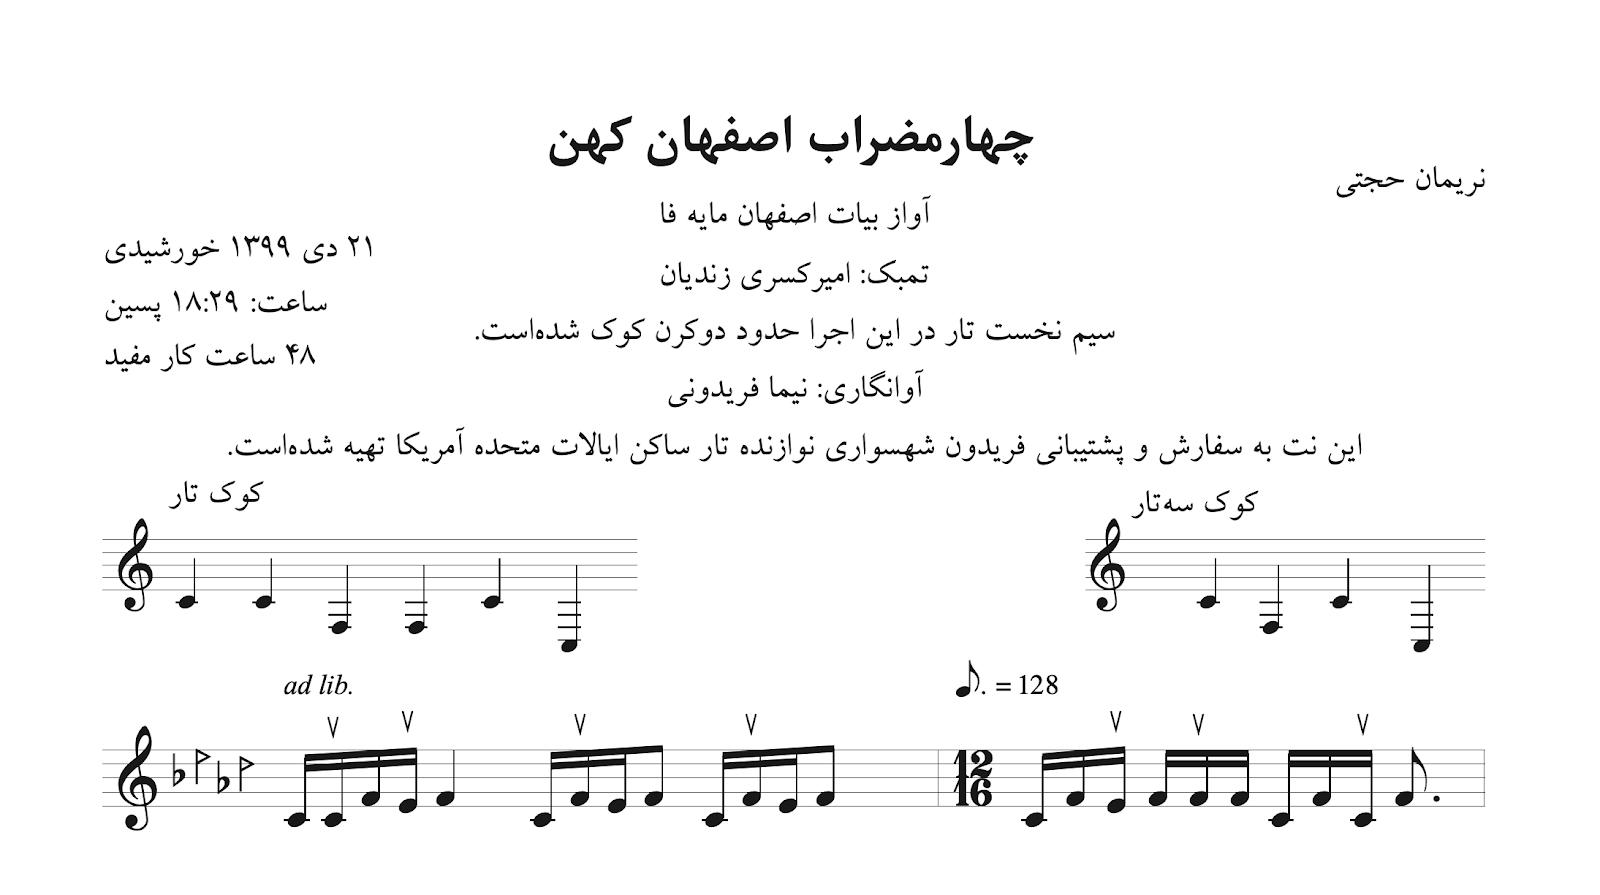 نت چهارمضراب اصفهان کهن نریمان حجتی آوانگاری نیما فریدونی